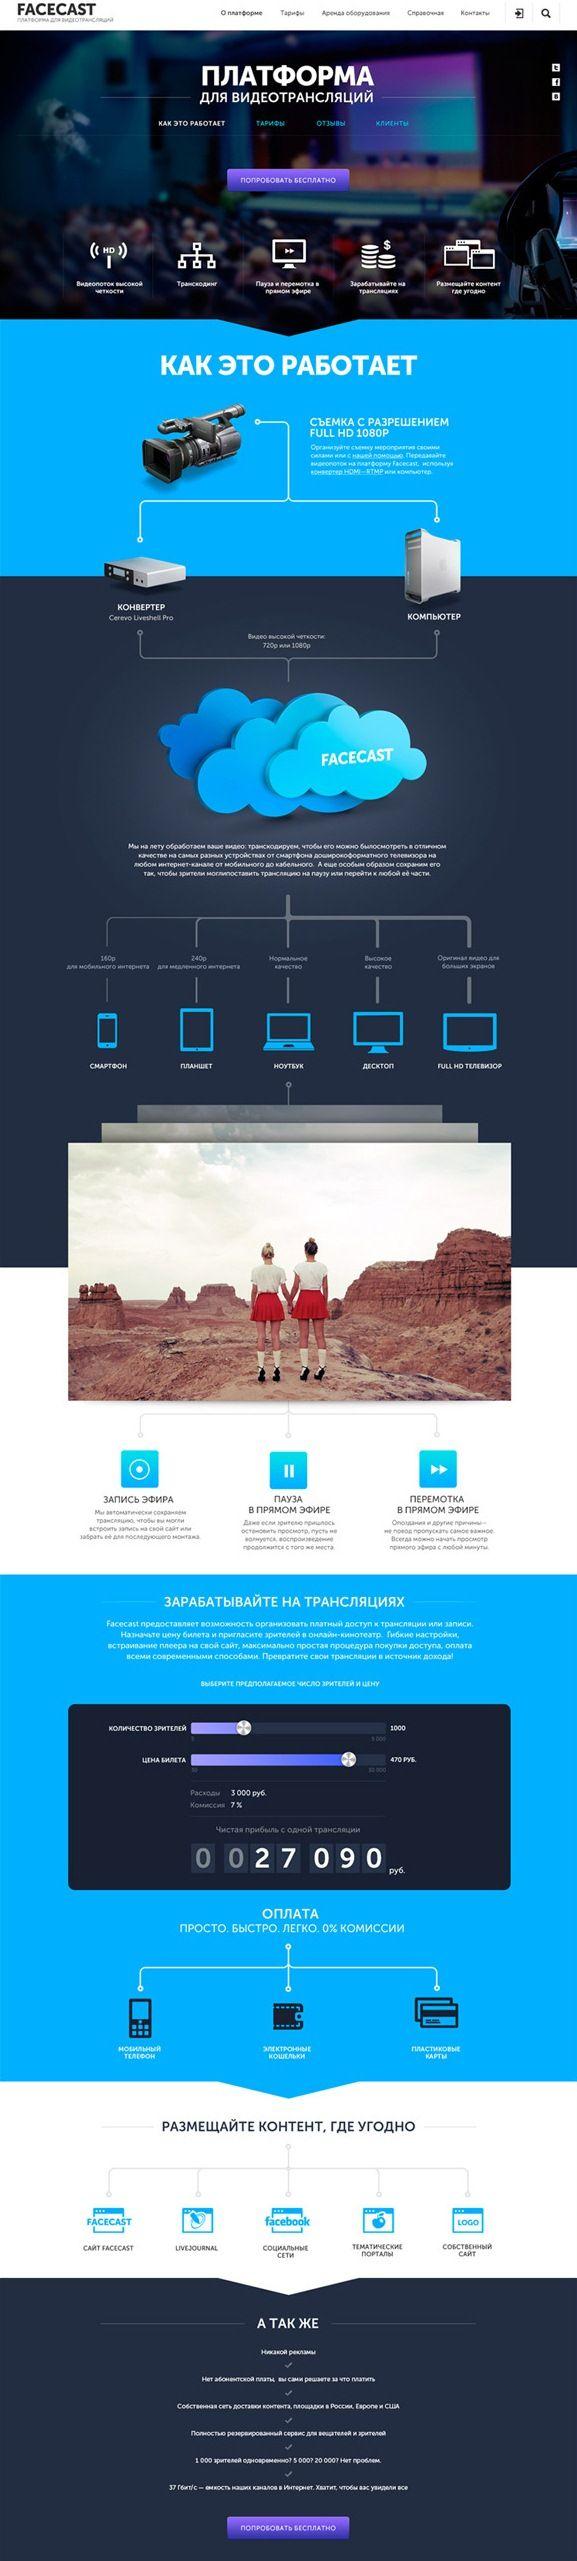 Unique Web Design, Facecast #WebDesign #Design